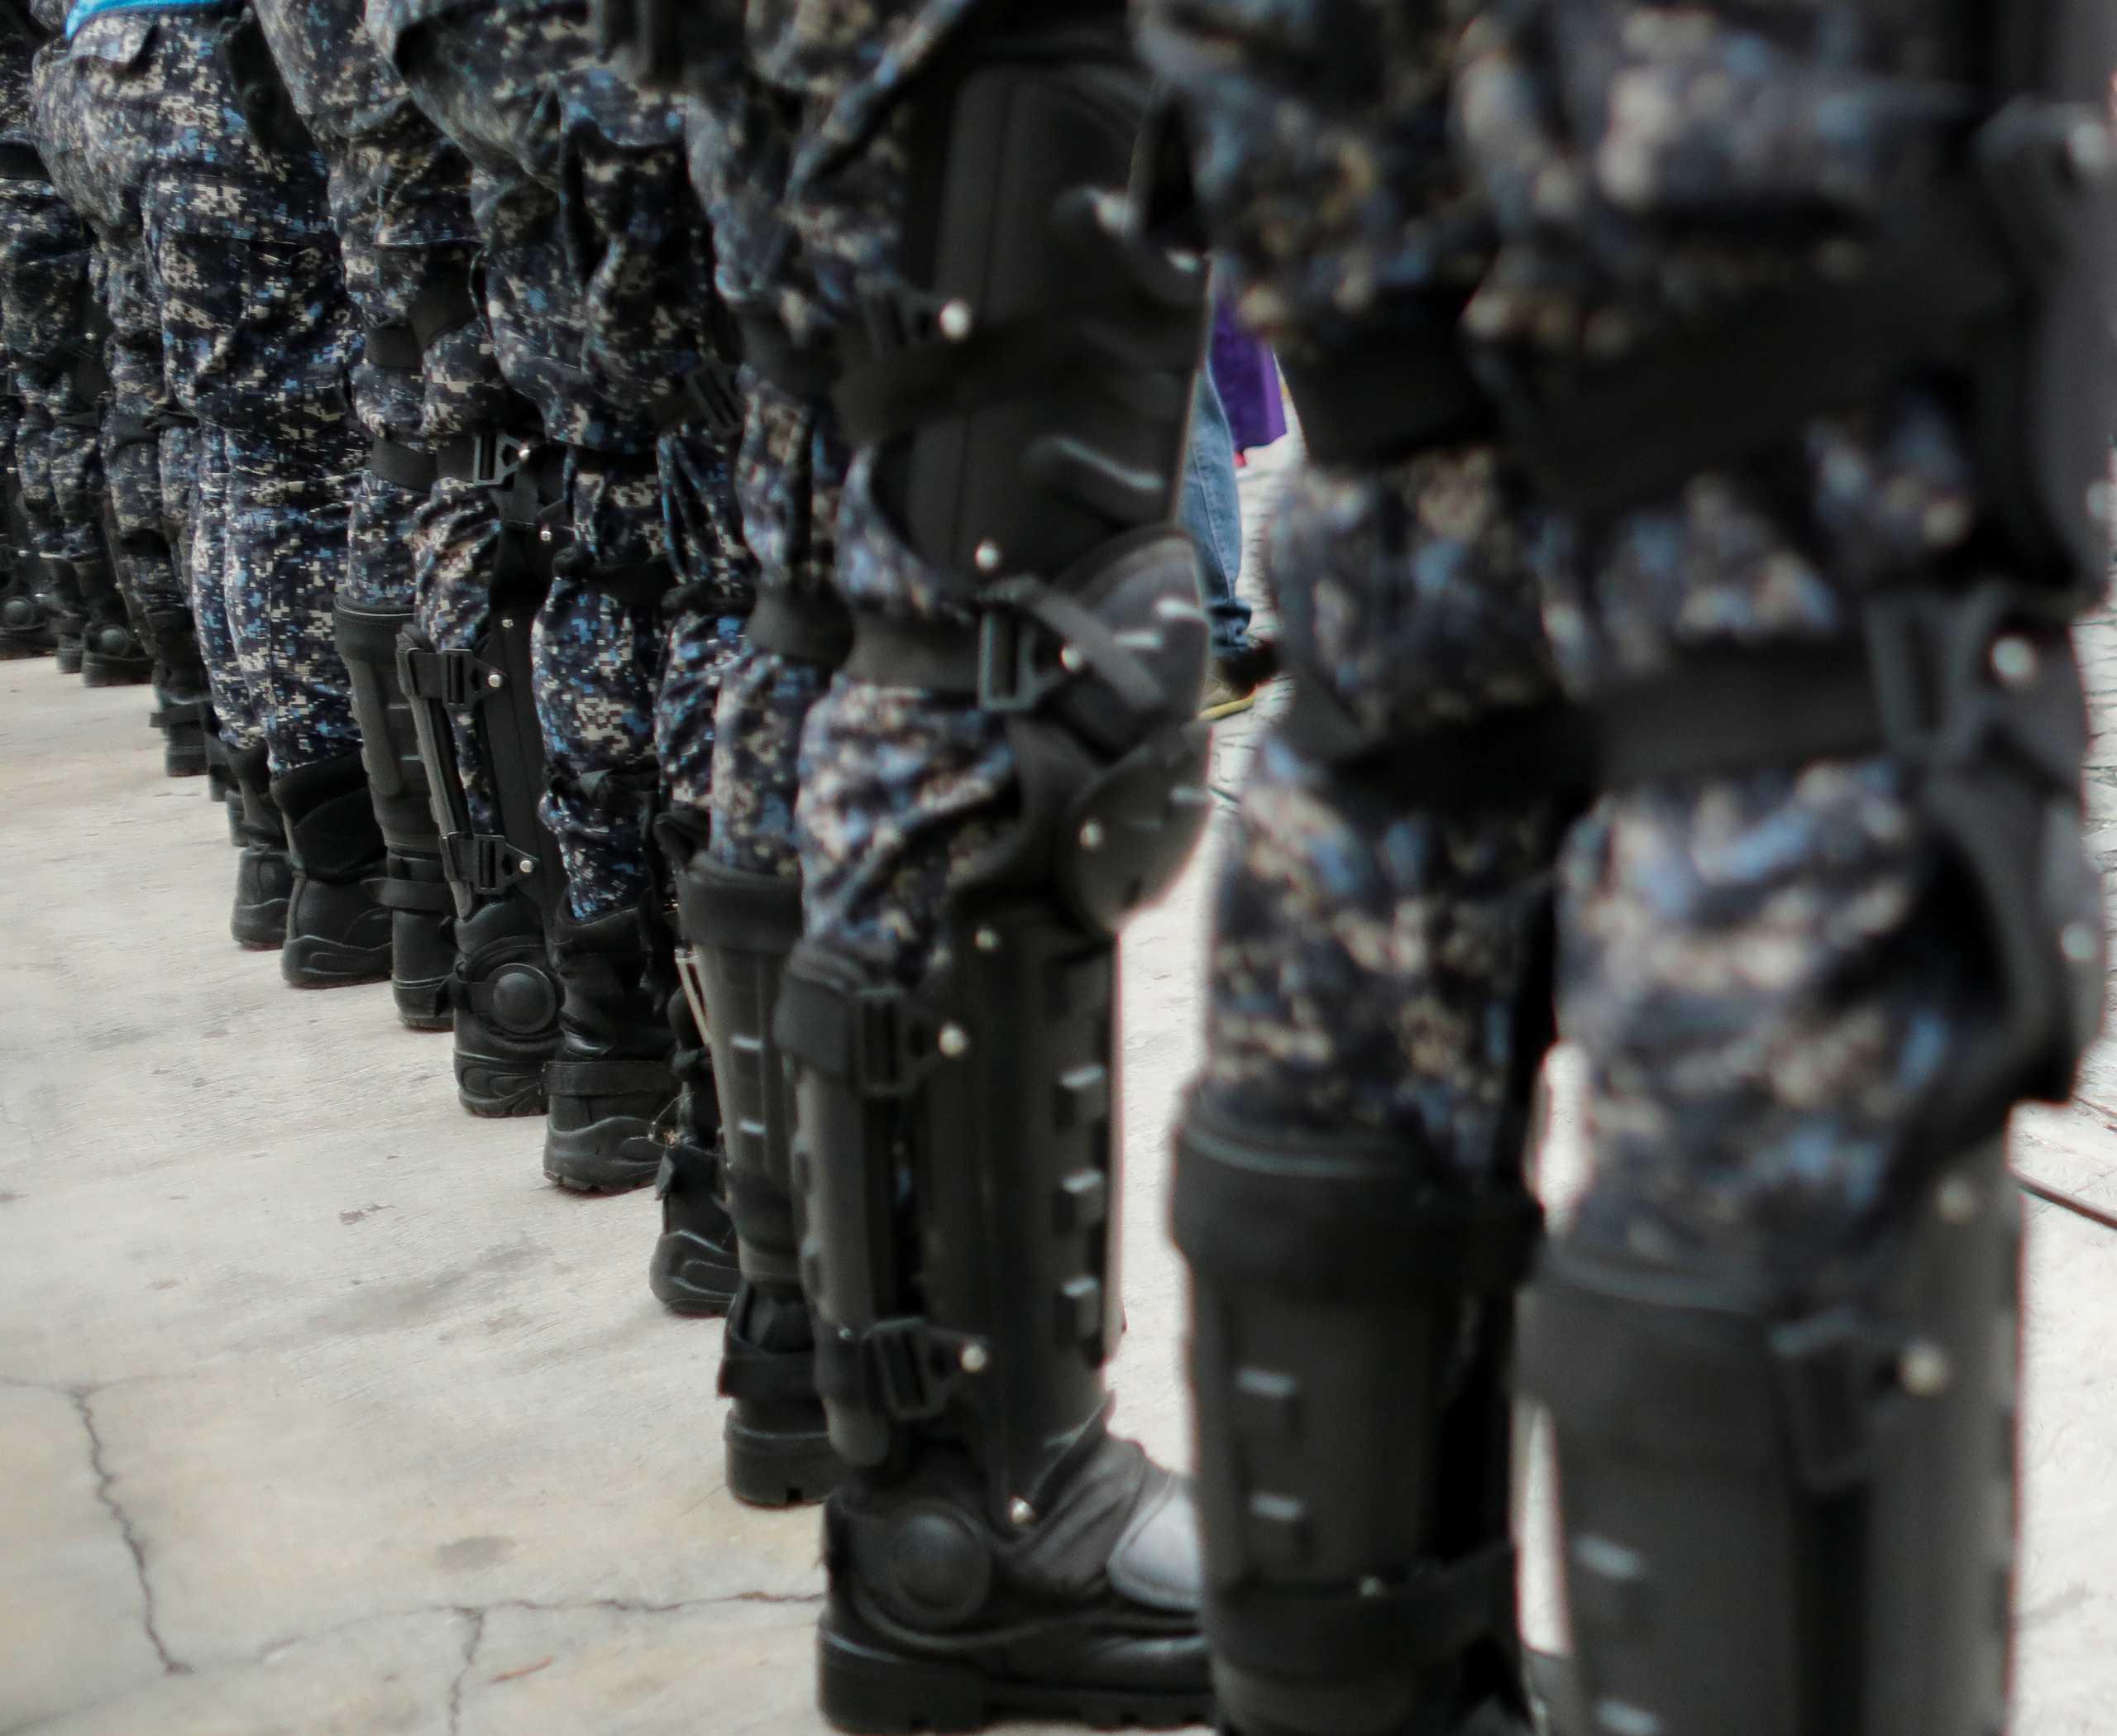 Βενεζουέλα: Δύο στρατιώτες νεκροί από έκρηξη νάρκης στα σύνορα με την Κολομβία